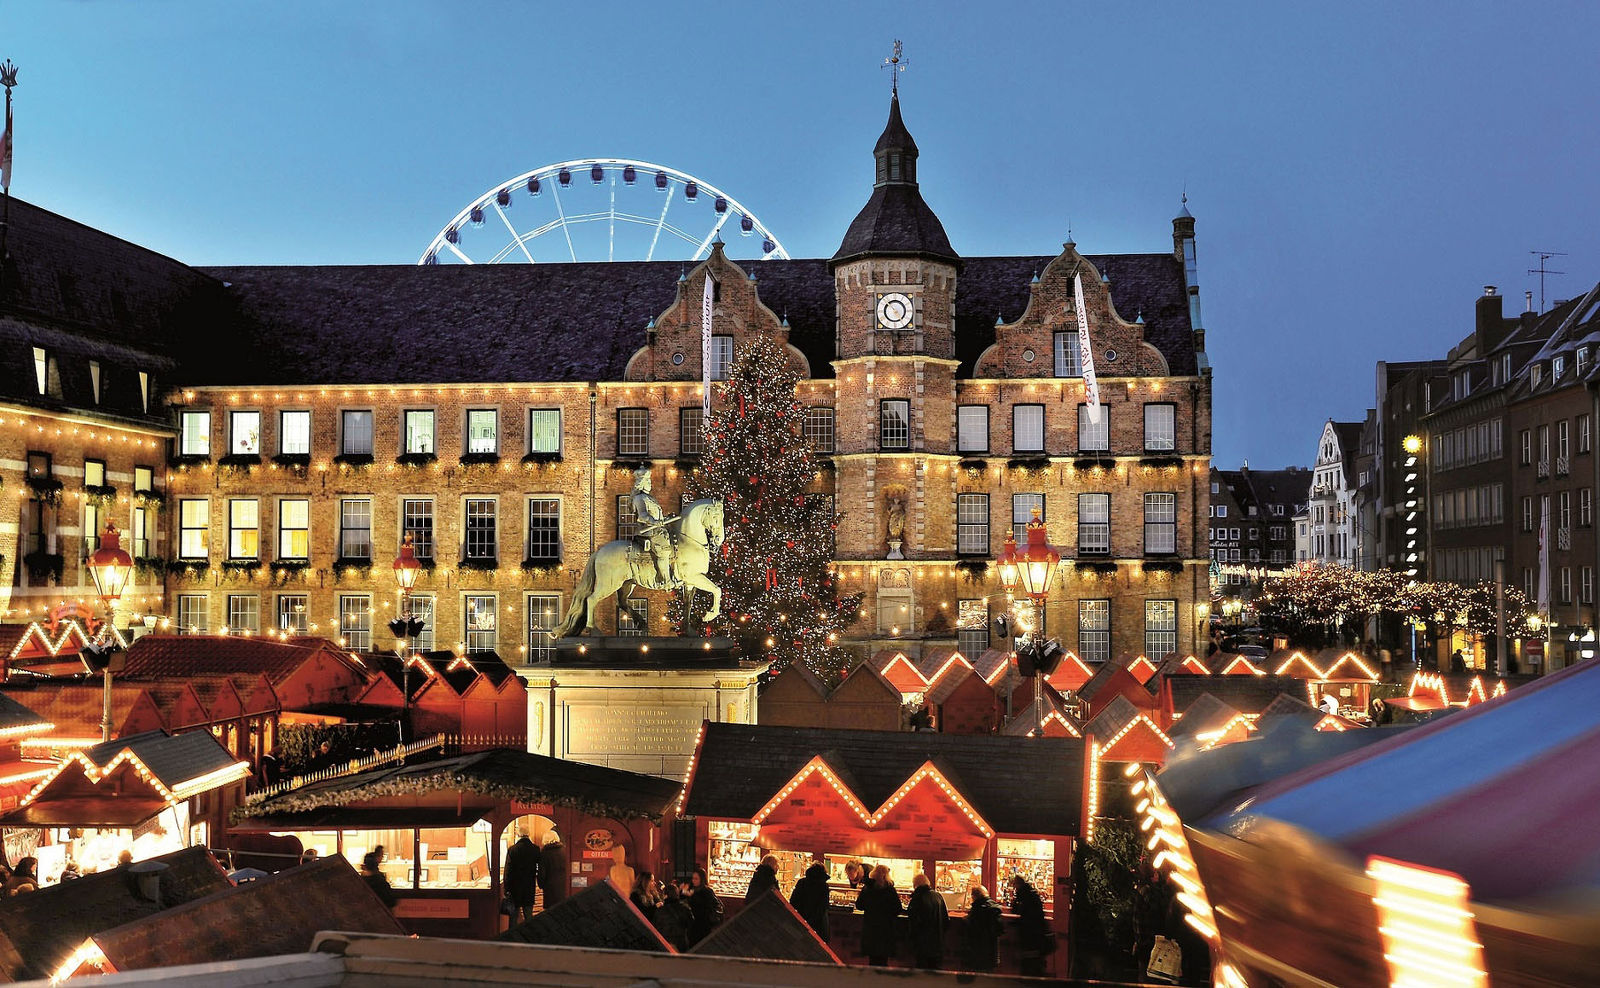 Kerstmarkt Dusseldorf Weihnachtsmarkt Dusseldorf 2018